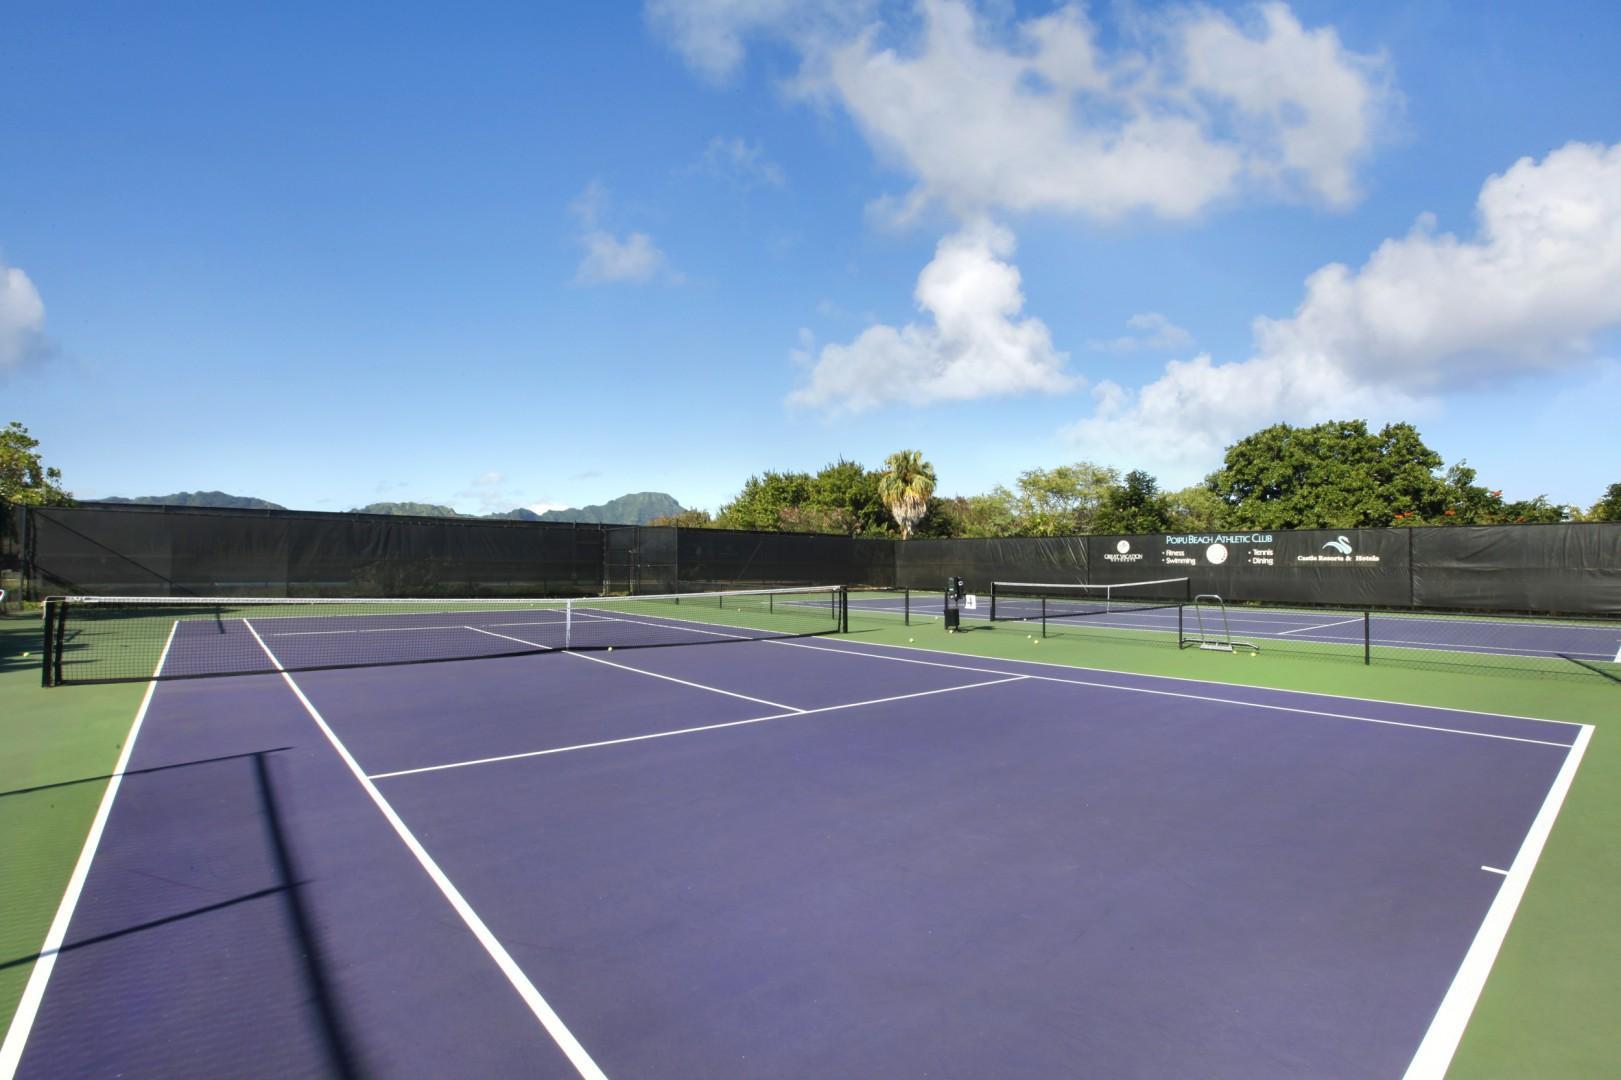 Poipu Beach Athletic Club tennis court